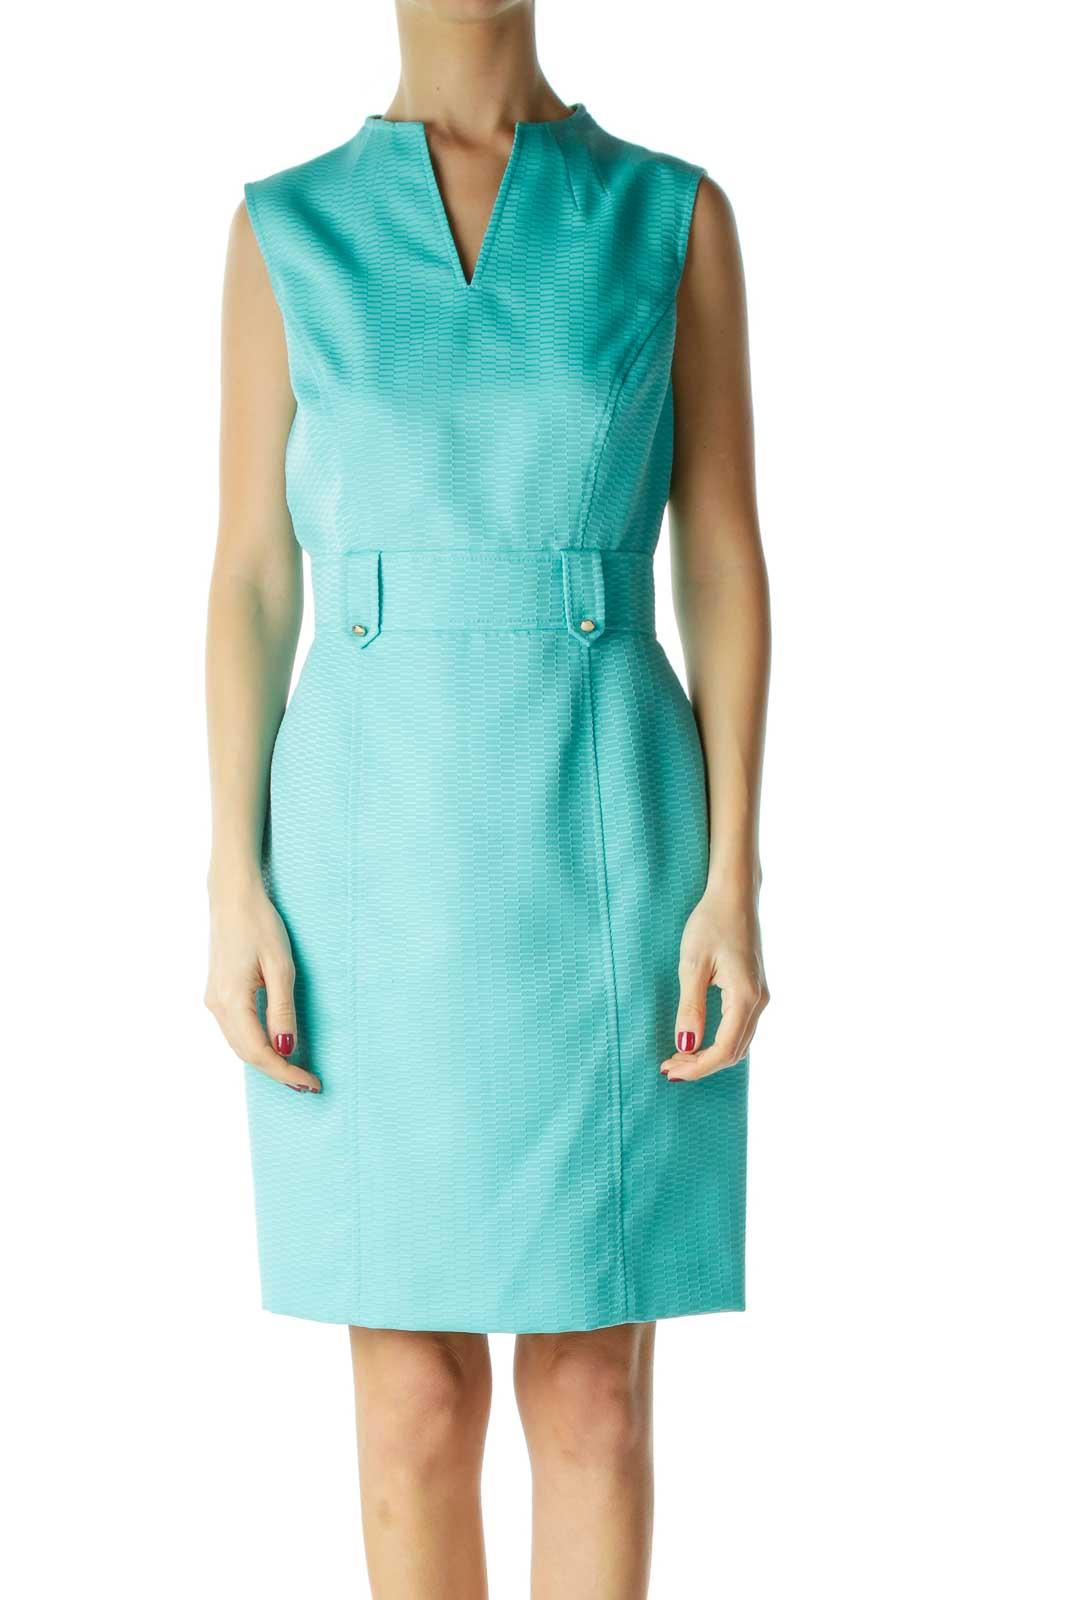 Blue V-Neck Belted Work Dress Front